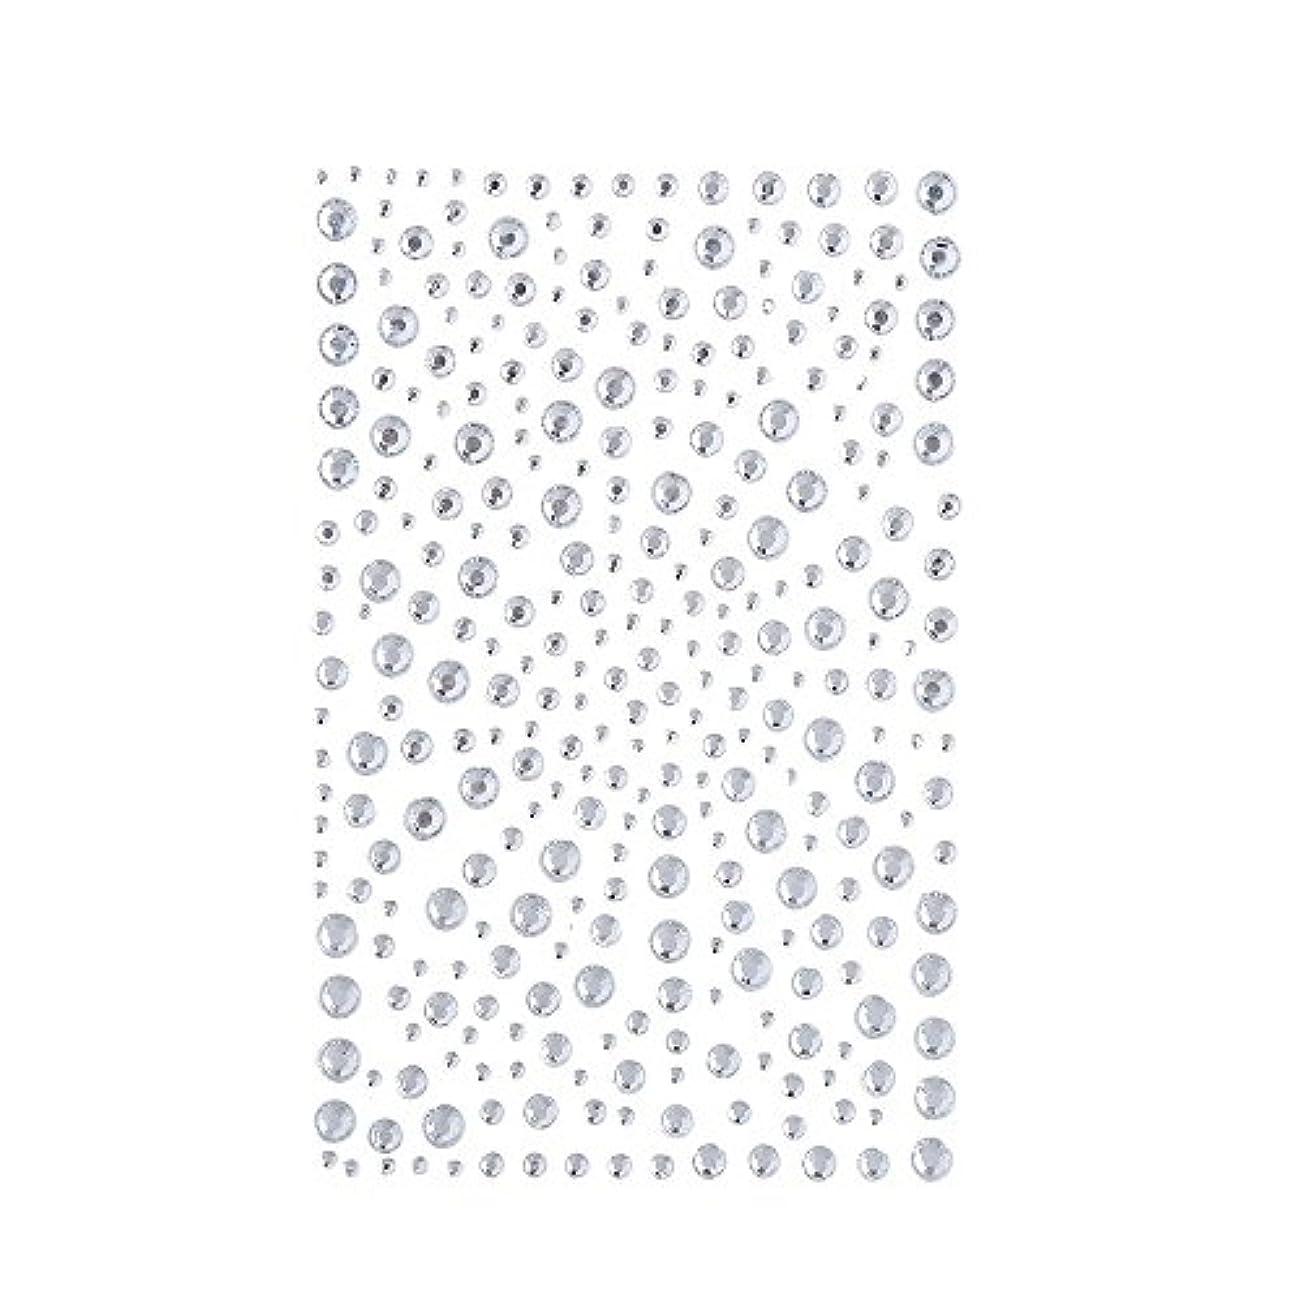 批判するキャリアプレフィックスラインストーン 人工ダイヤモンド スワロフスキー ホットフィックス 325粒 (白)